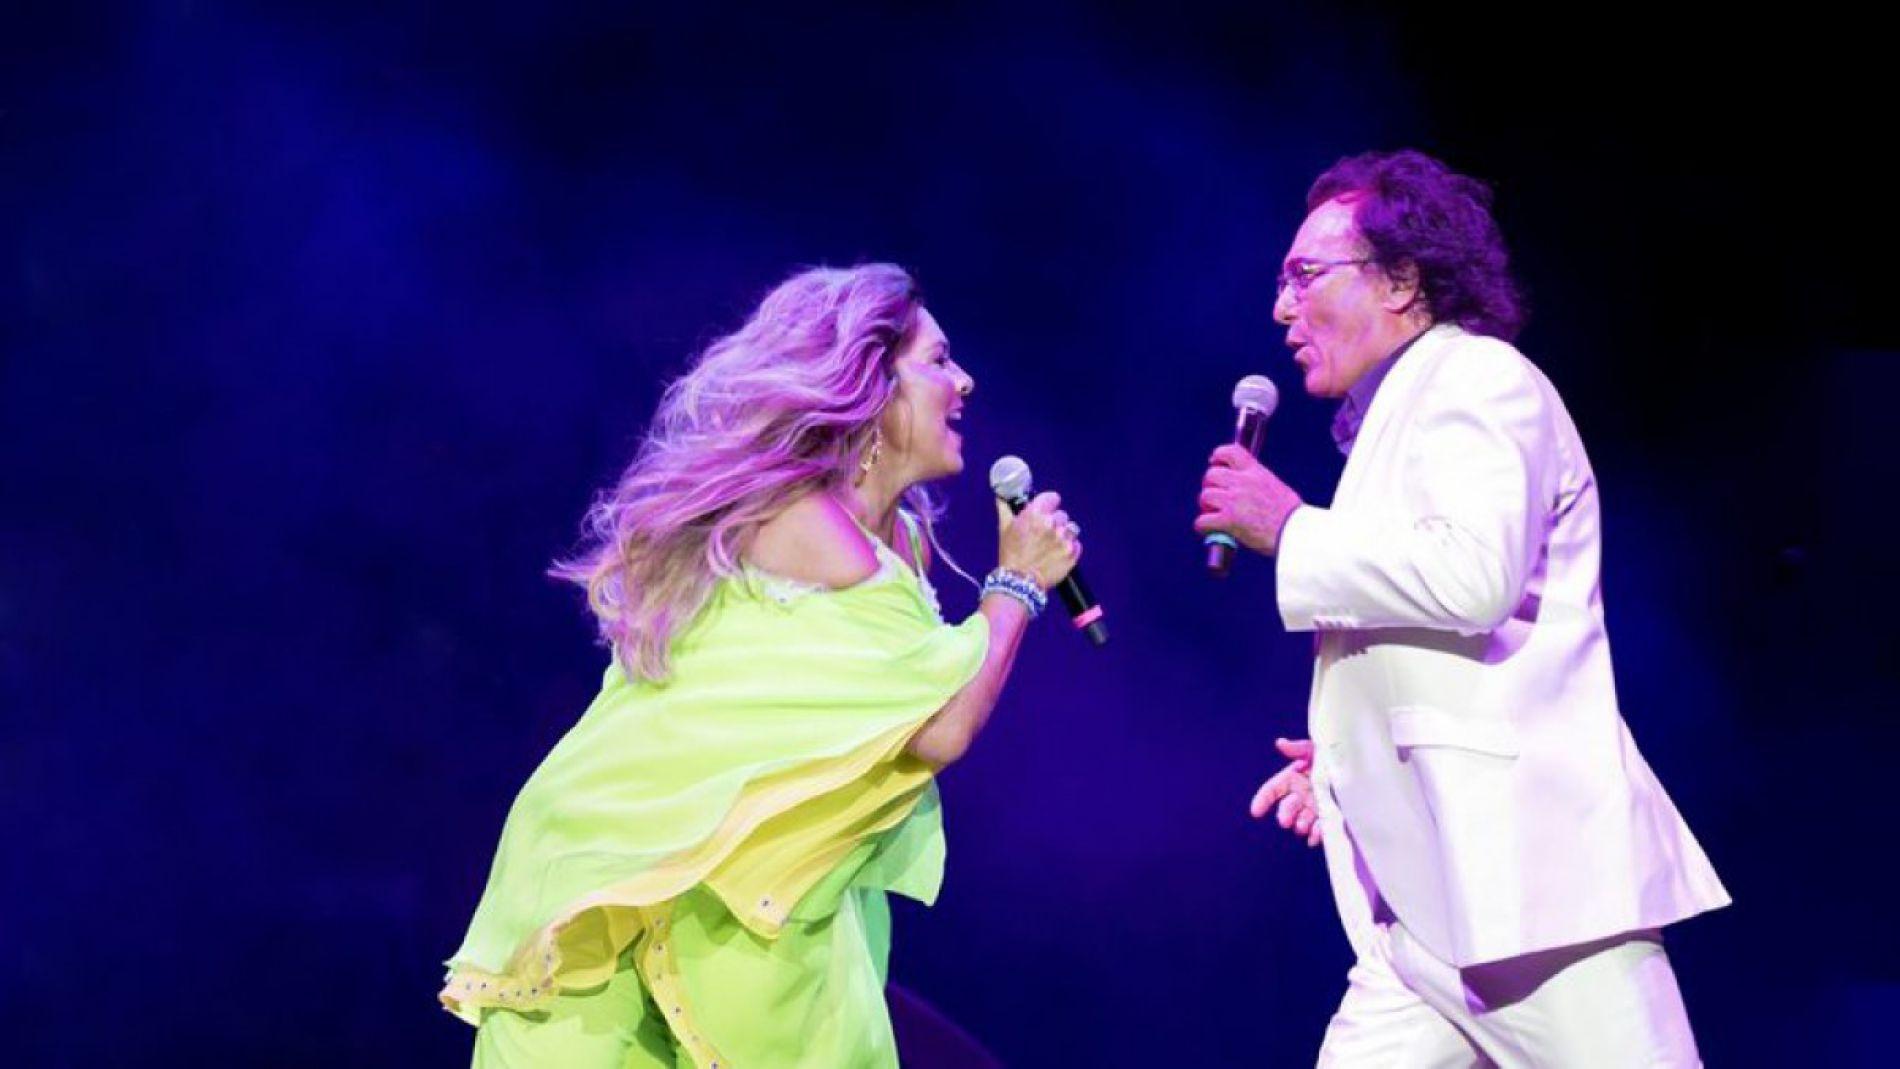 Аль Бано и Ромина Пауэр дают концерт в Софии в декабре